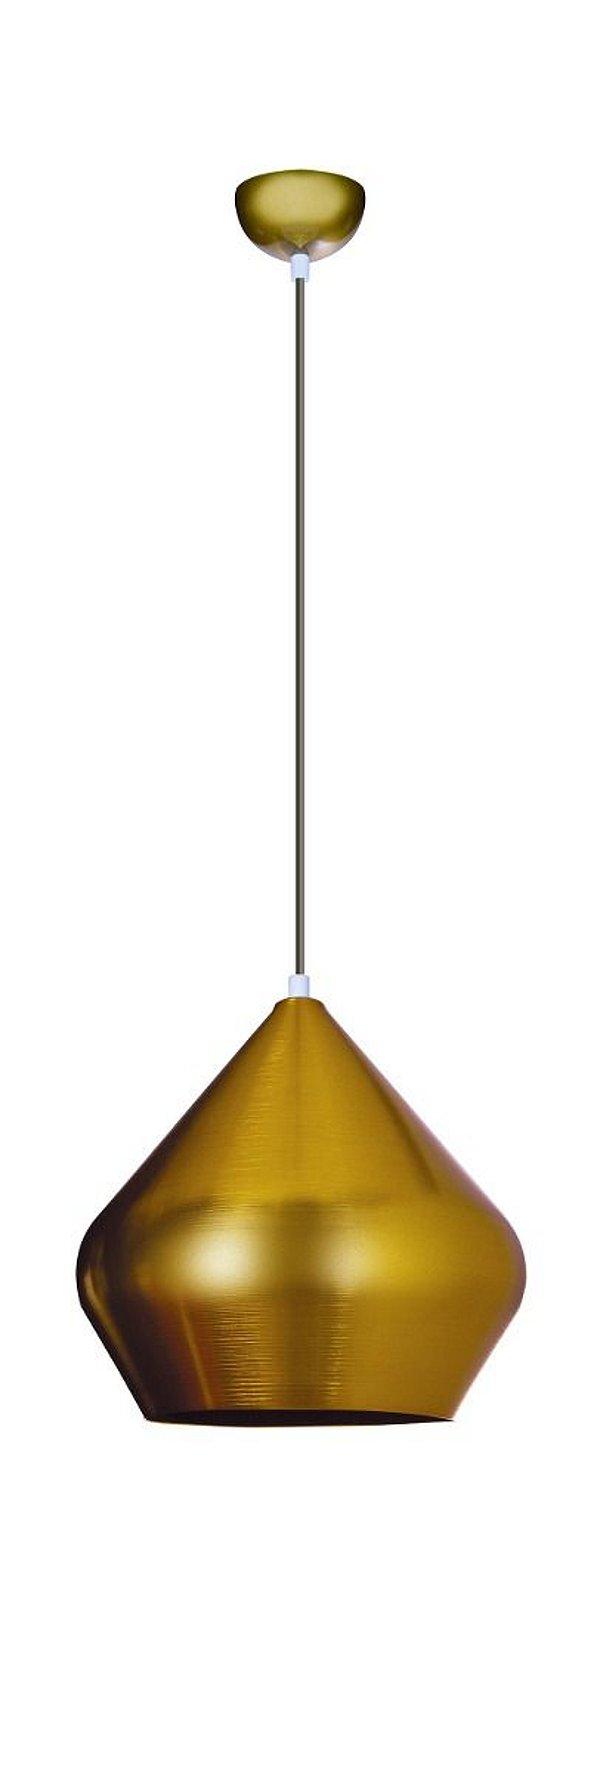 Pendente Vertical Dourado Redondo Alumínio Tom Dixon 28x28 InPallocino Luciin E-27 Zg236/13 Entradas e Quartos